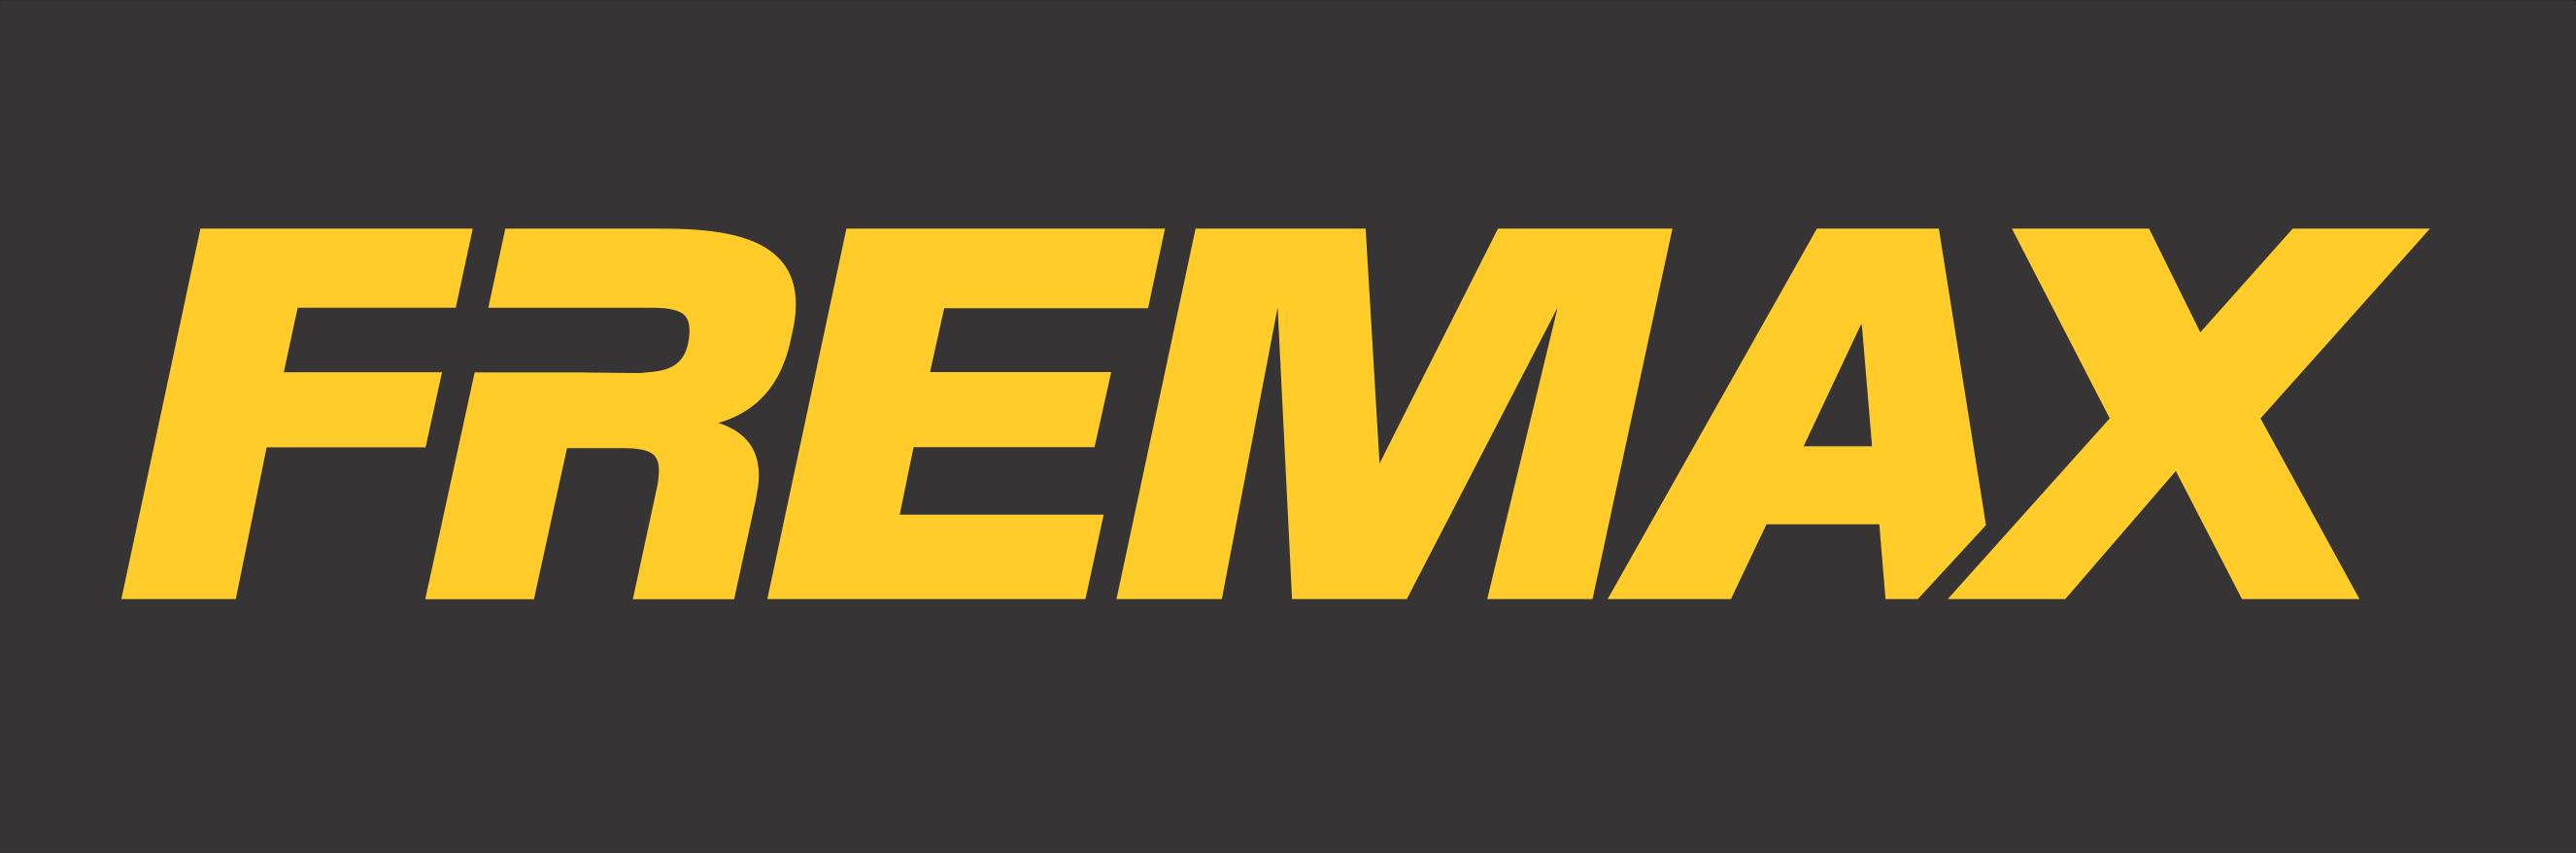 FREMAX_v2 BOX LOGO PRETO